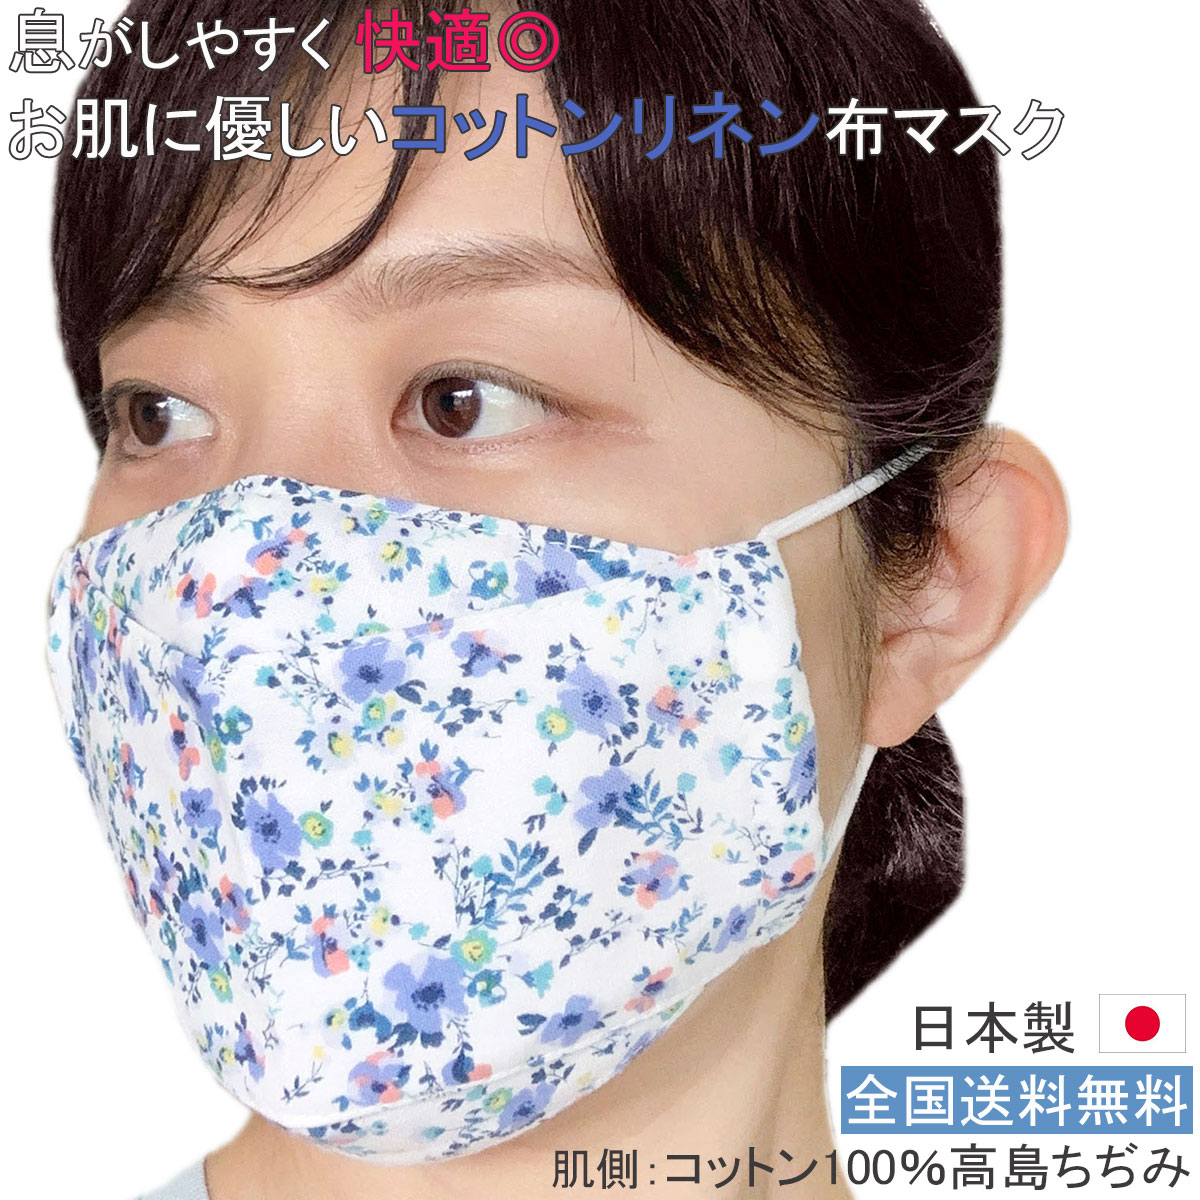 女性におすすめサイズ 不織布マスクがつらい方にもおすすめです 天然素材でお肌にも優しい 立体的に仕上げた日本製 布マスクです 洗って繰り返し使用いただけます 日本製 布マスク 夏用 大臣マスク リネン コットンリネン 女性用 洗える ブルー花柄 送料無料 綿 立体 Y368 子供用 おしゃれ 内祝い 舟形 折り返し 布 敏感肌 激安格安割引情報満載 麻